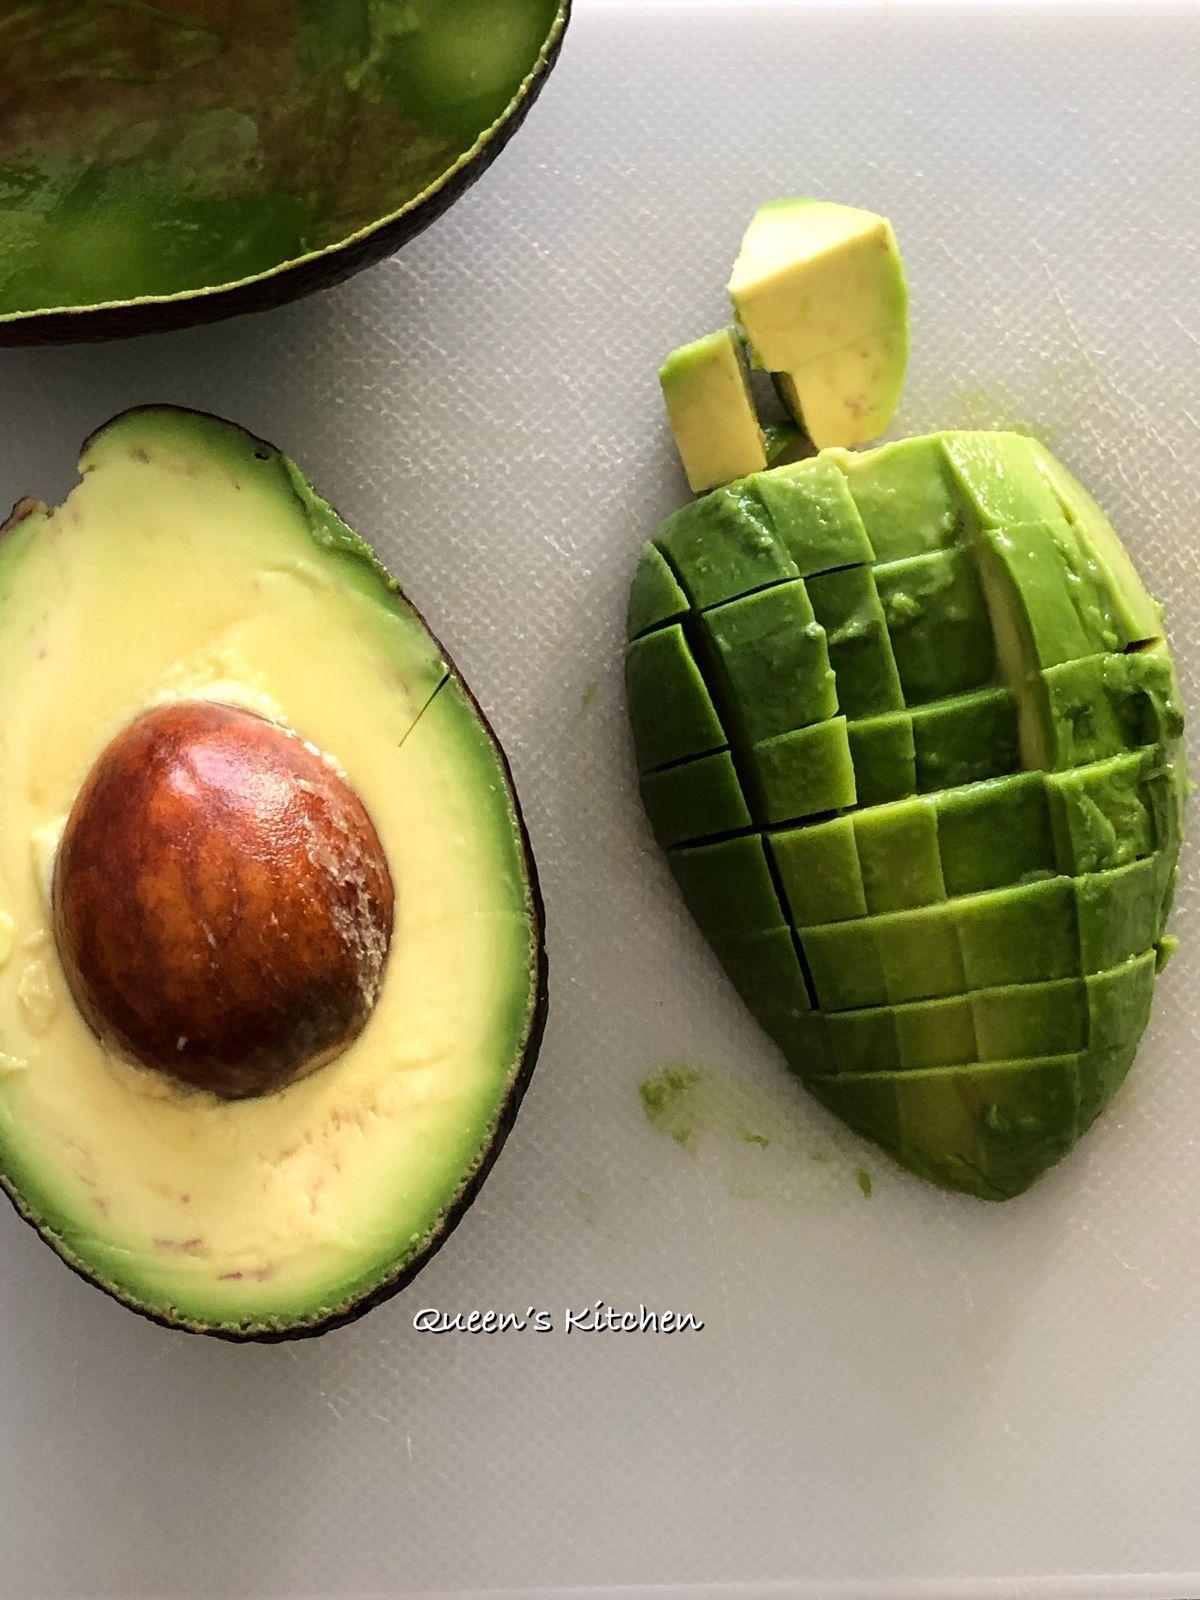 Scegliamo l'avocado al giusto grado di maturazione.